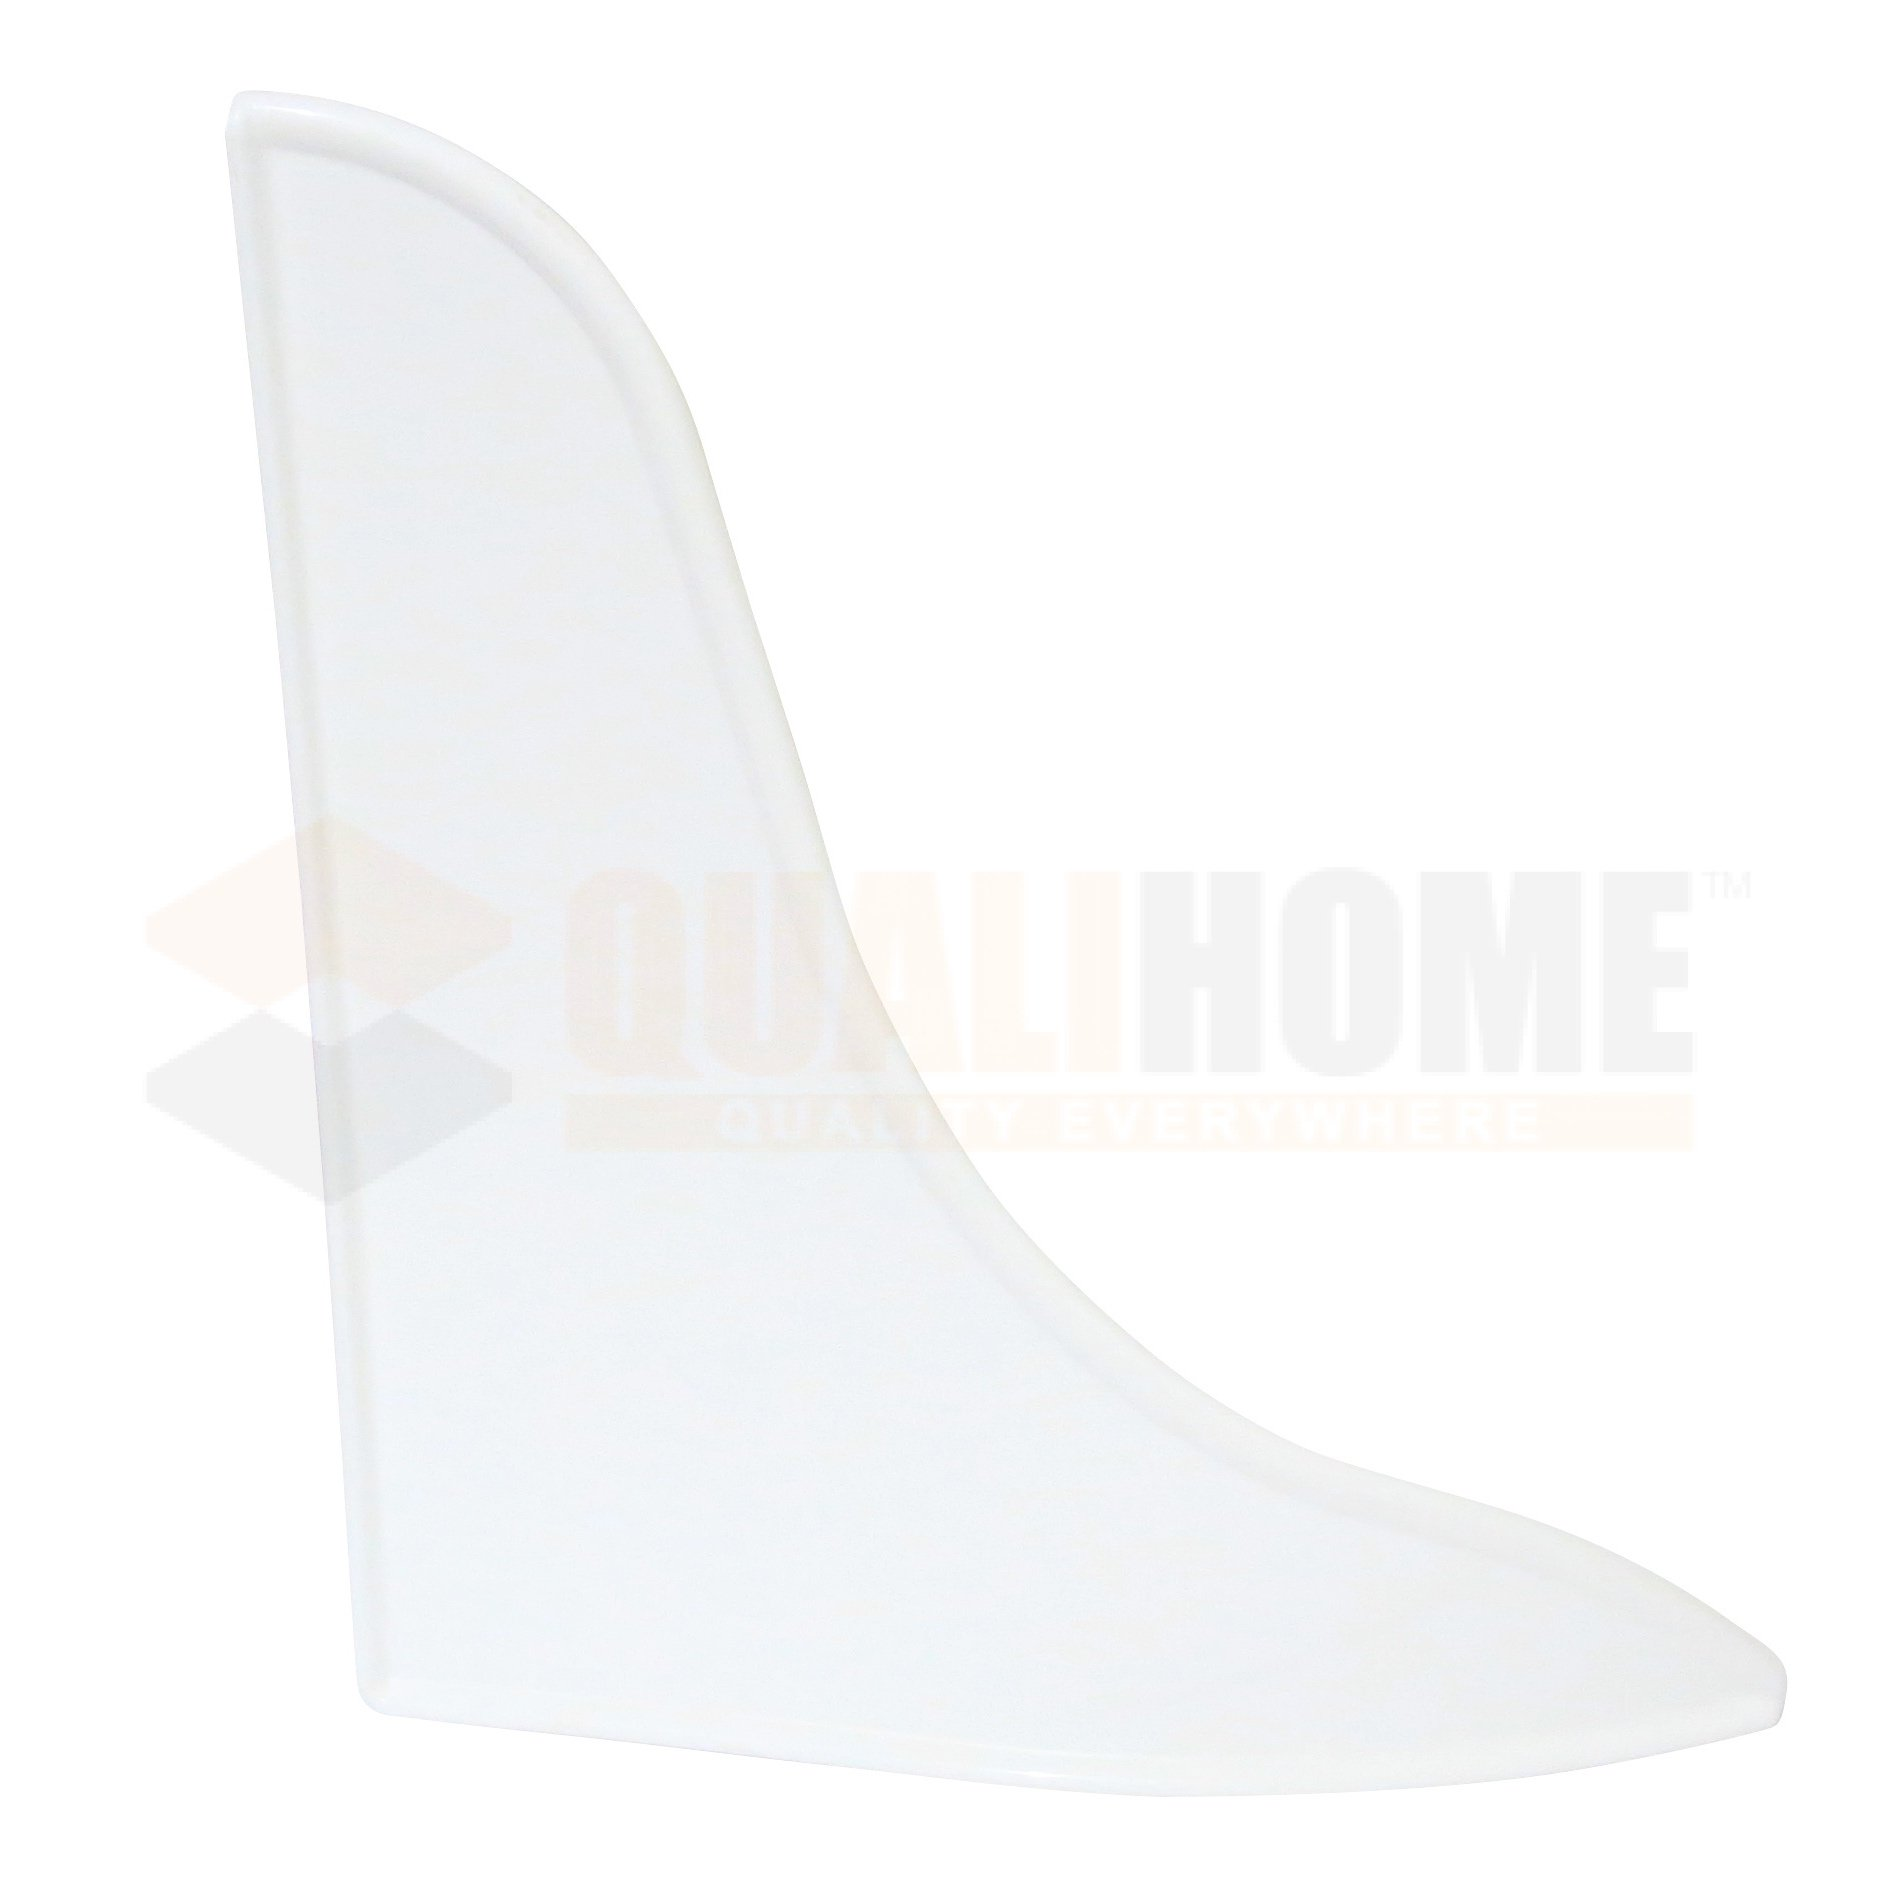 Bathtub Shower Splash Guard, White, 2-Pack by Qualihome